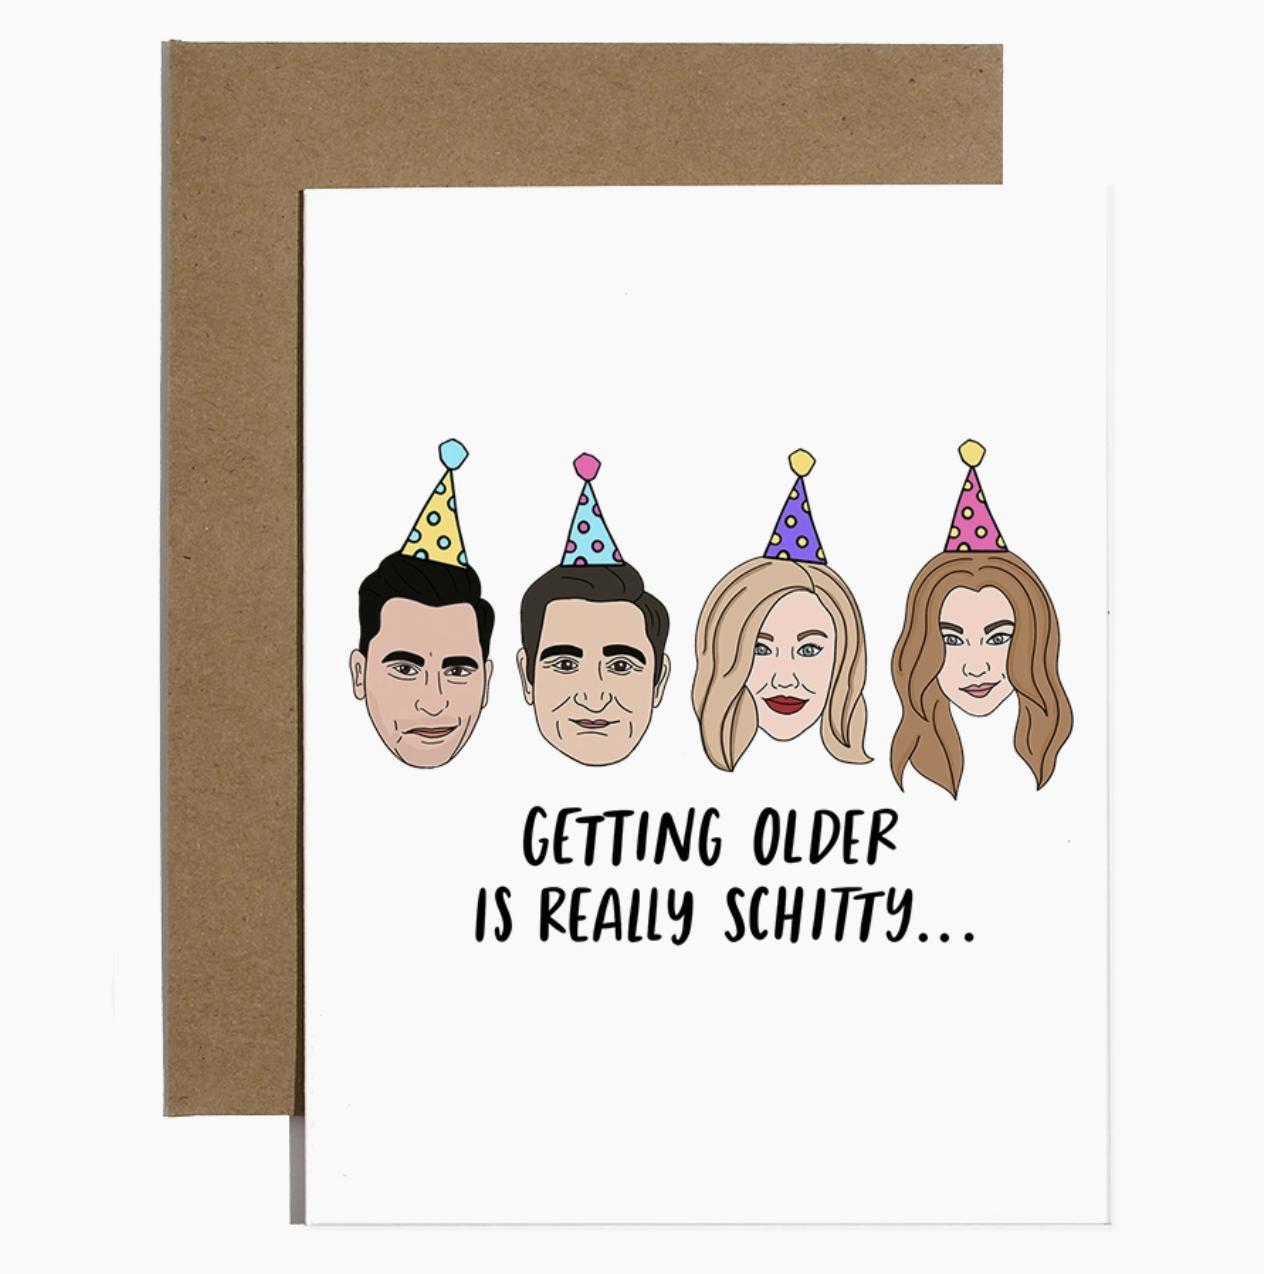 Brittany Paige Schitt's Creek Birthday Card